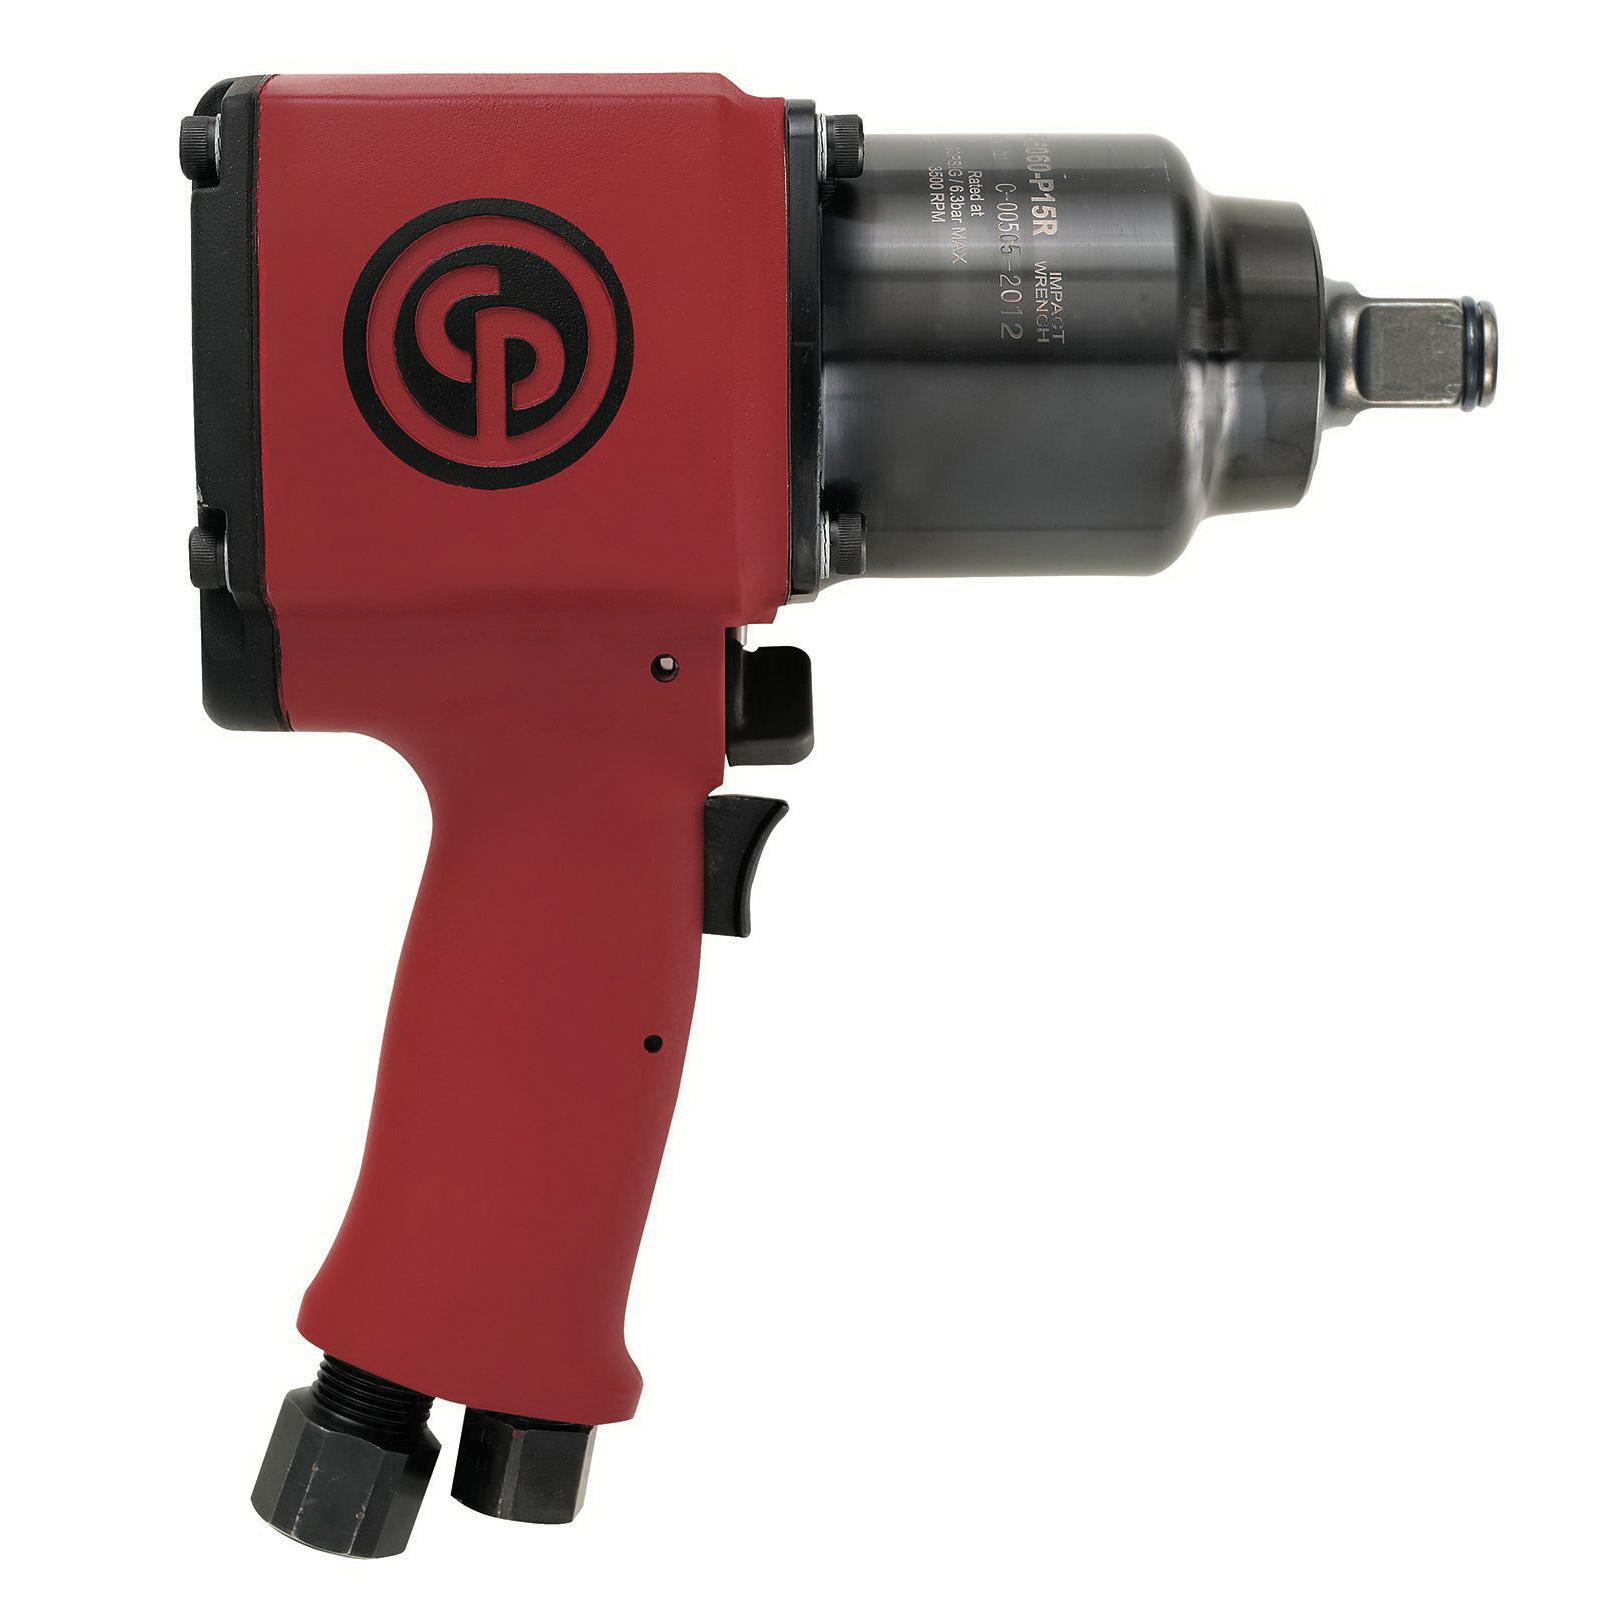 CP CP6060-P15R